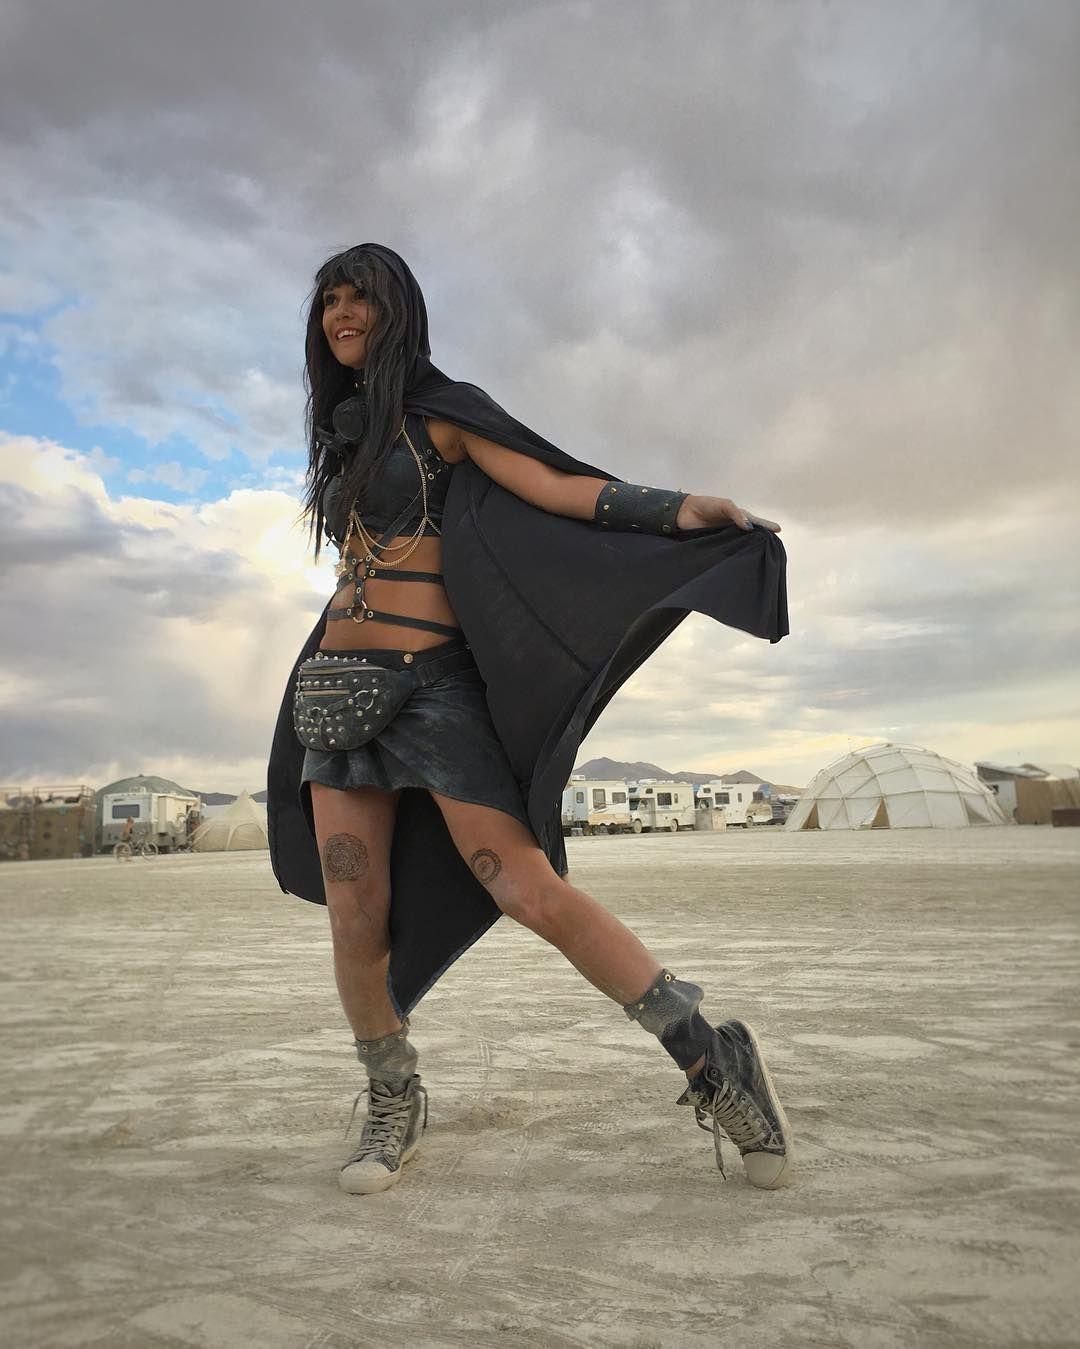 Пилюка, голі тіла та сучасне мистецтво: круті фото з фестивалю Burning Man 2017 - фото 336437